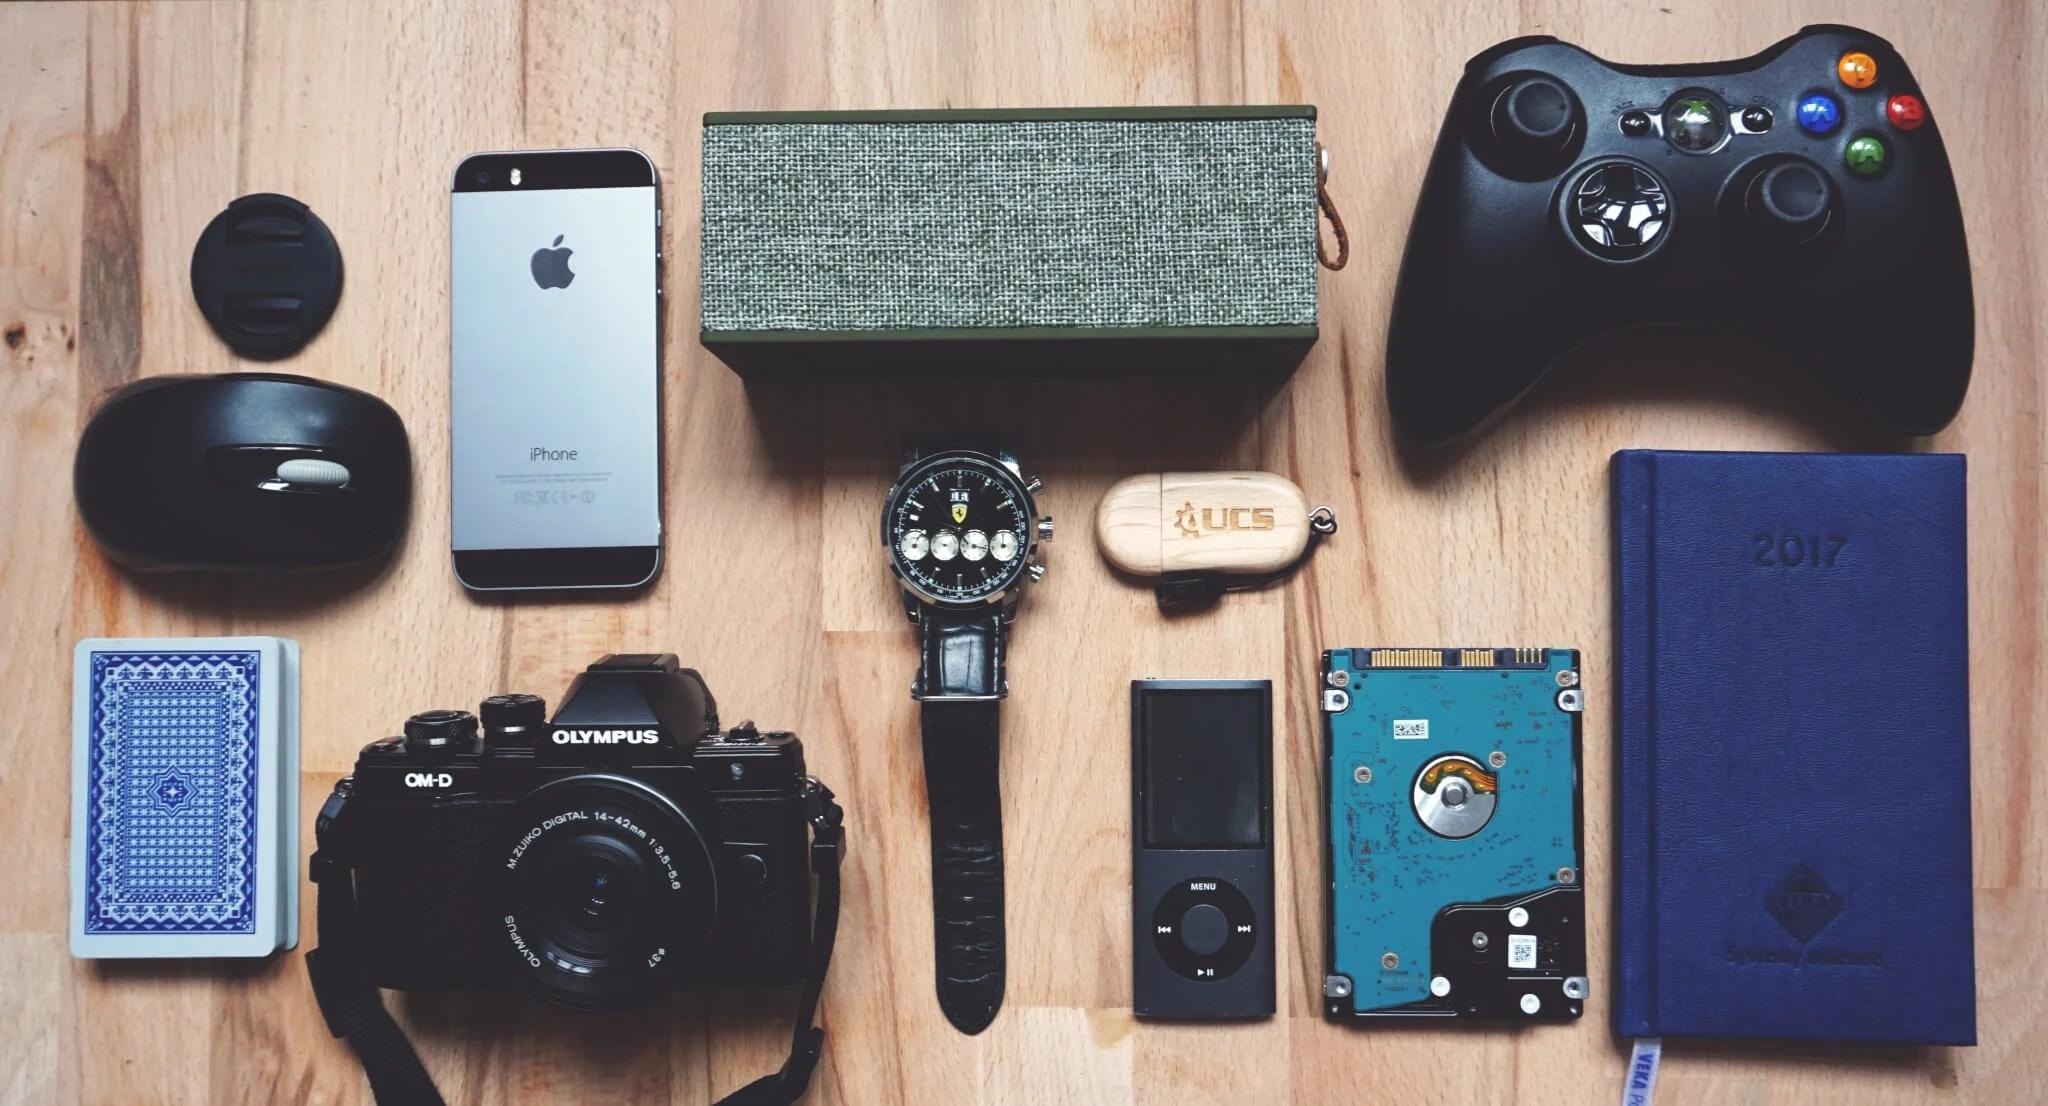 business camera contemporary 325153 - Confira os melhores presentes tech para o Dia dos Pais